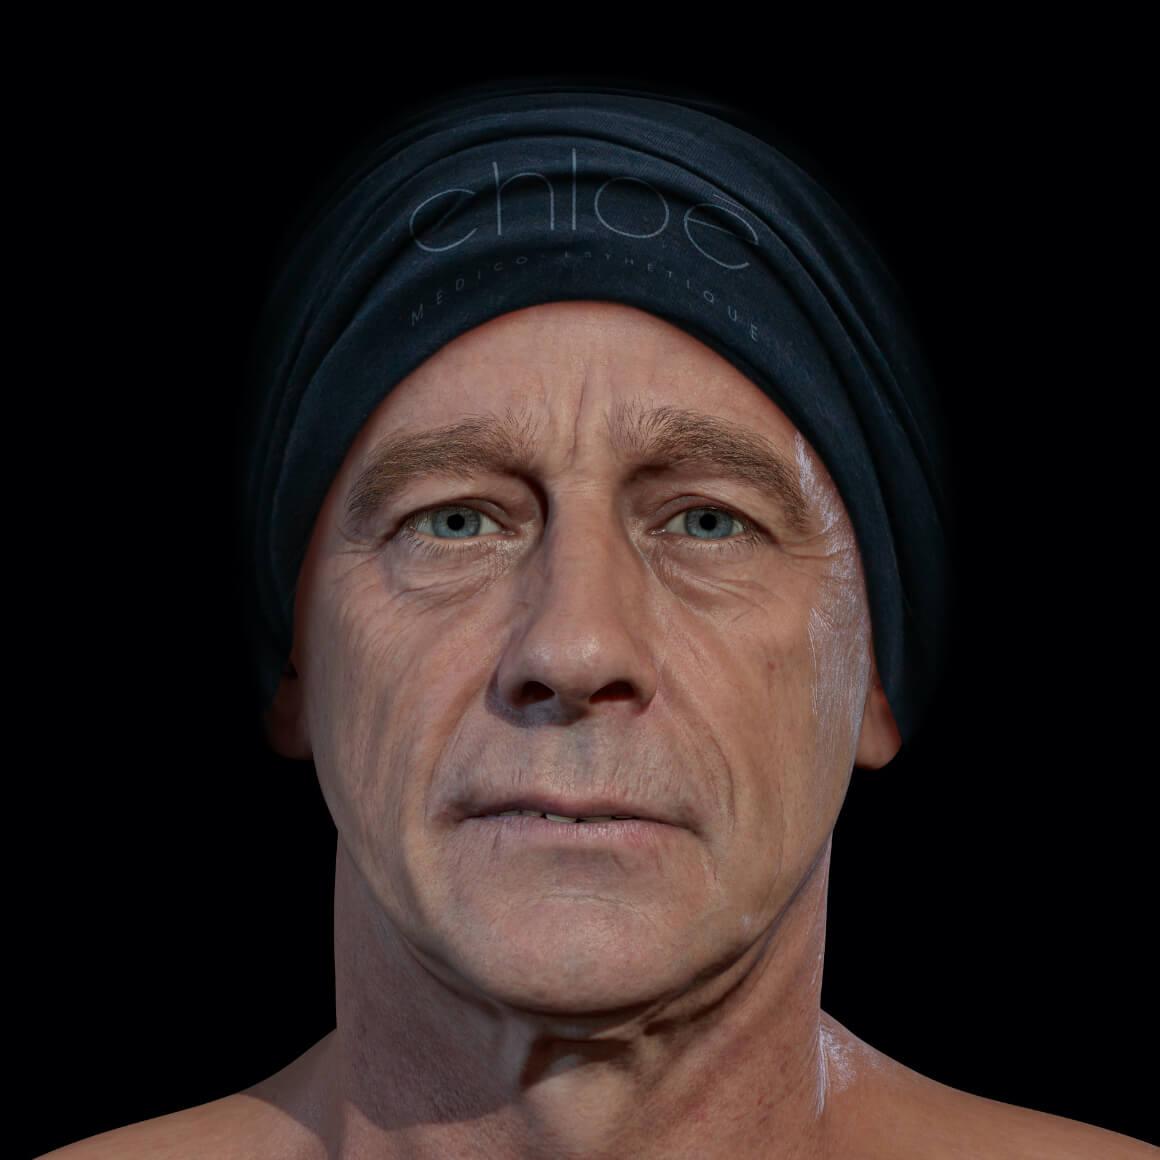 Homme patient à la Clinique Chloé positionné de face démontrant des rides creuses au niveau du visage